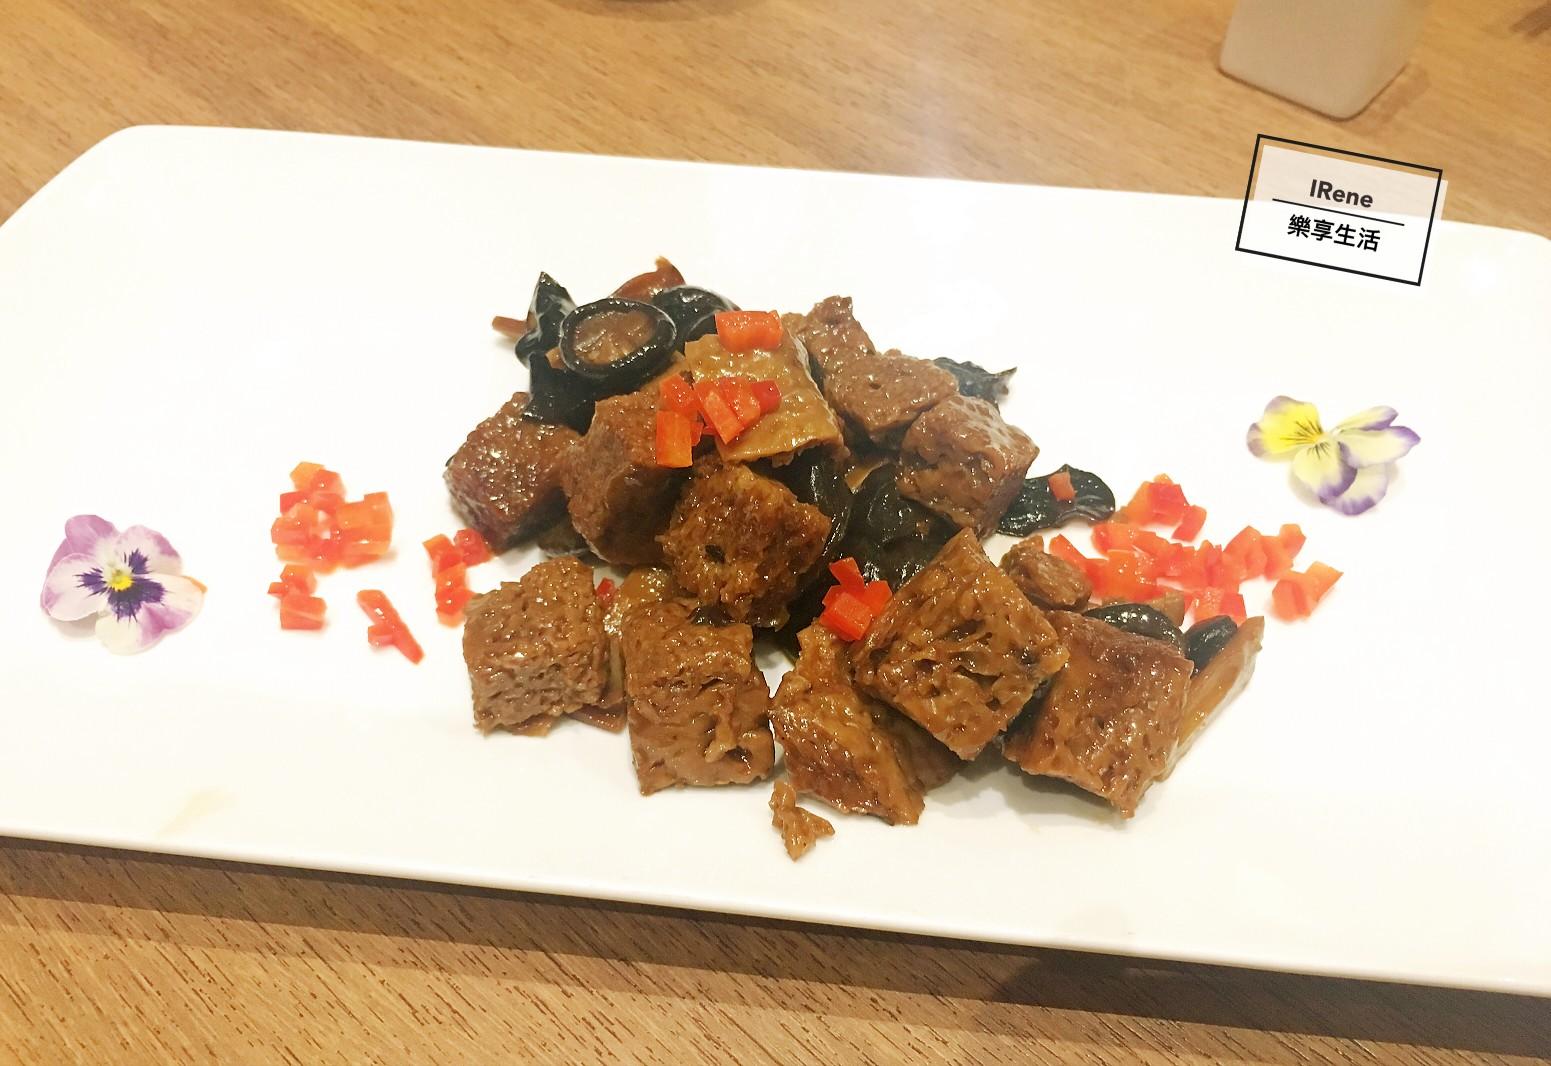 上海小南國餐廳推薦菜-四鮮烤麩